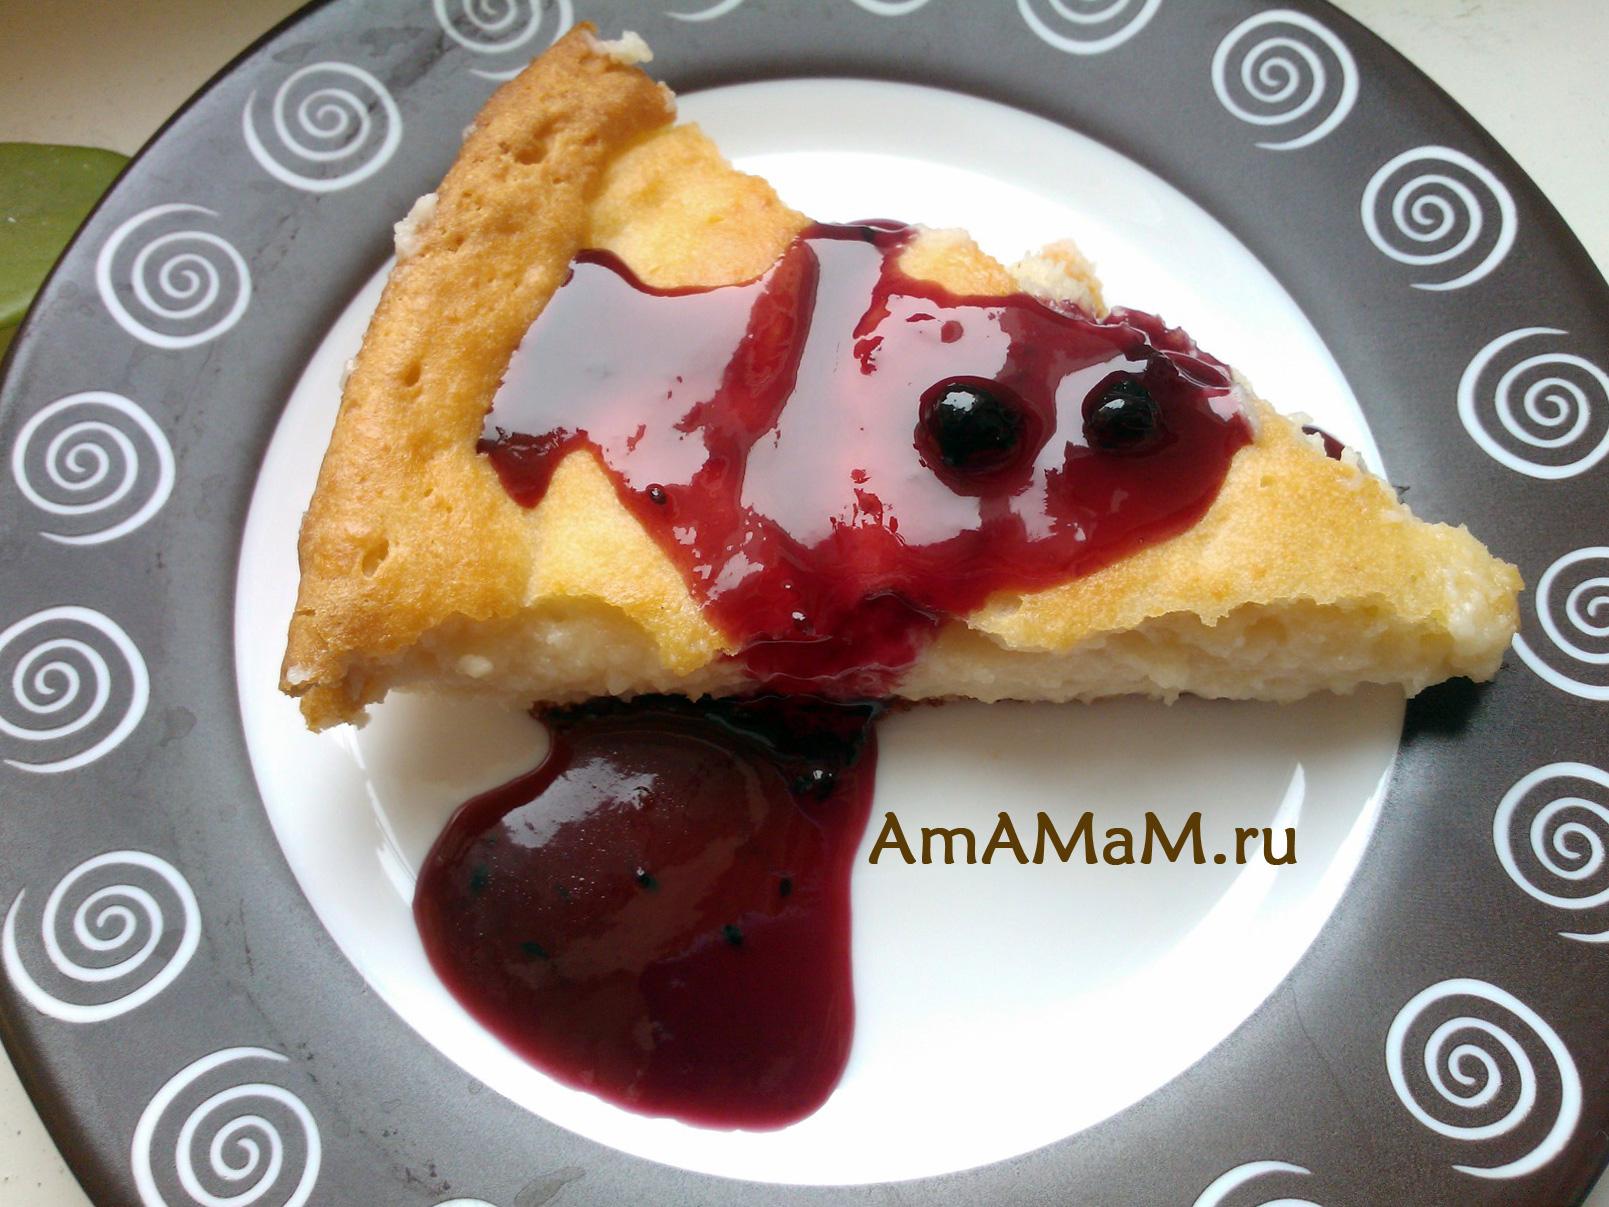 Черносмородиновое варенье с творожным пирогом